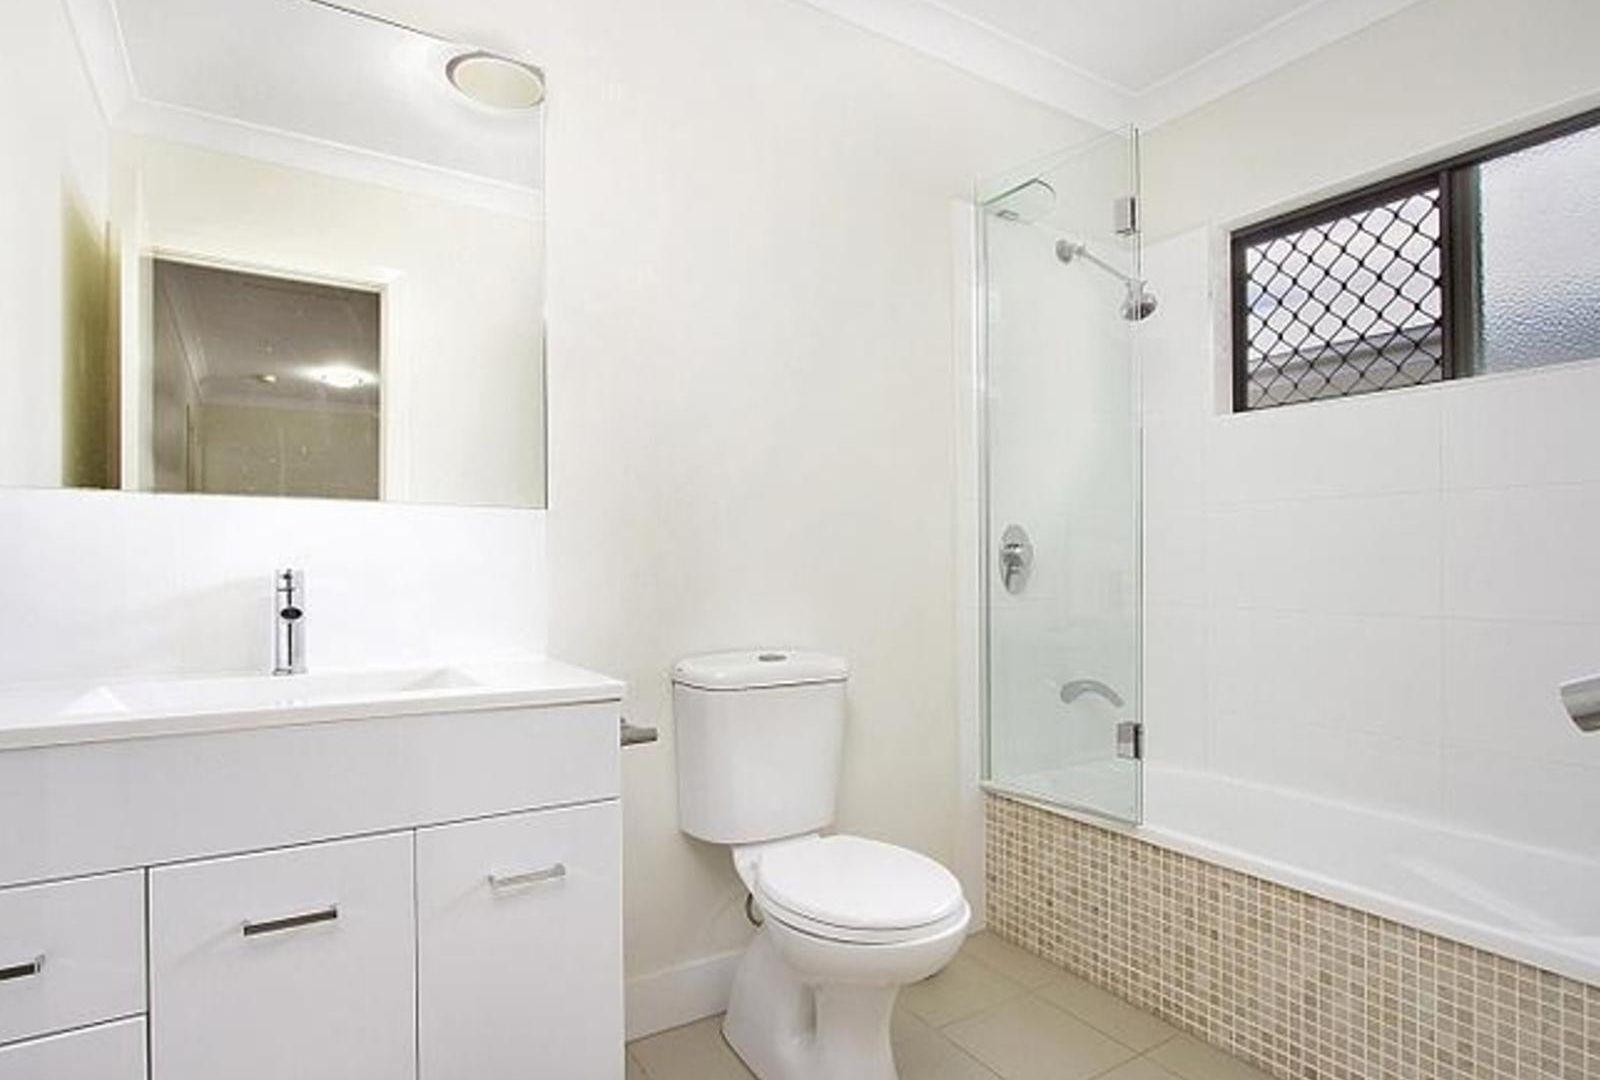 2/79 Kates Street, Morningside QLD 4170, Image 2